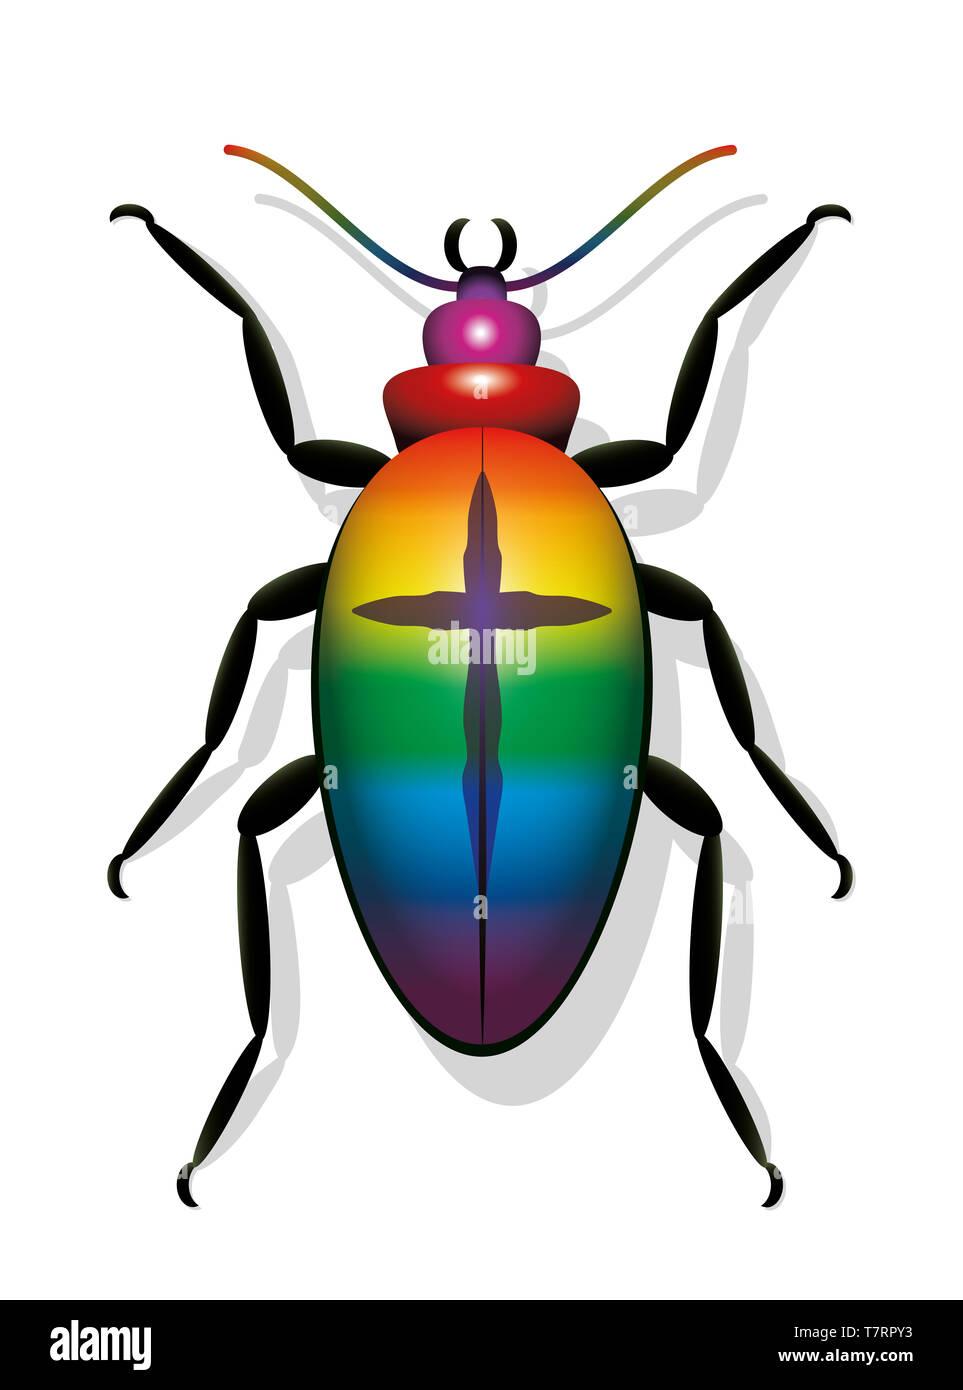 Escarabajo colorido con la cruz. Símbolo de la disminución de las poblaciones de insectos y de extinción de especies - Ilustración sobre fondo blanco. Imagen De Stock